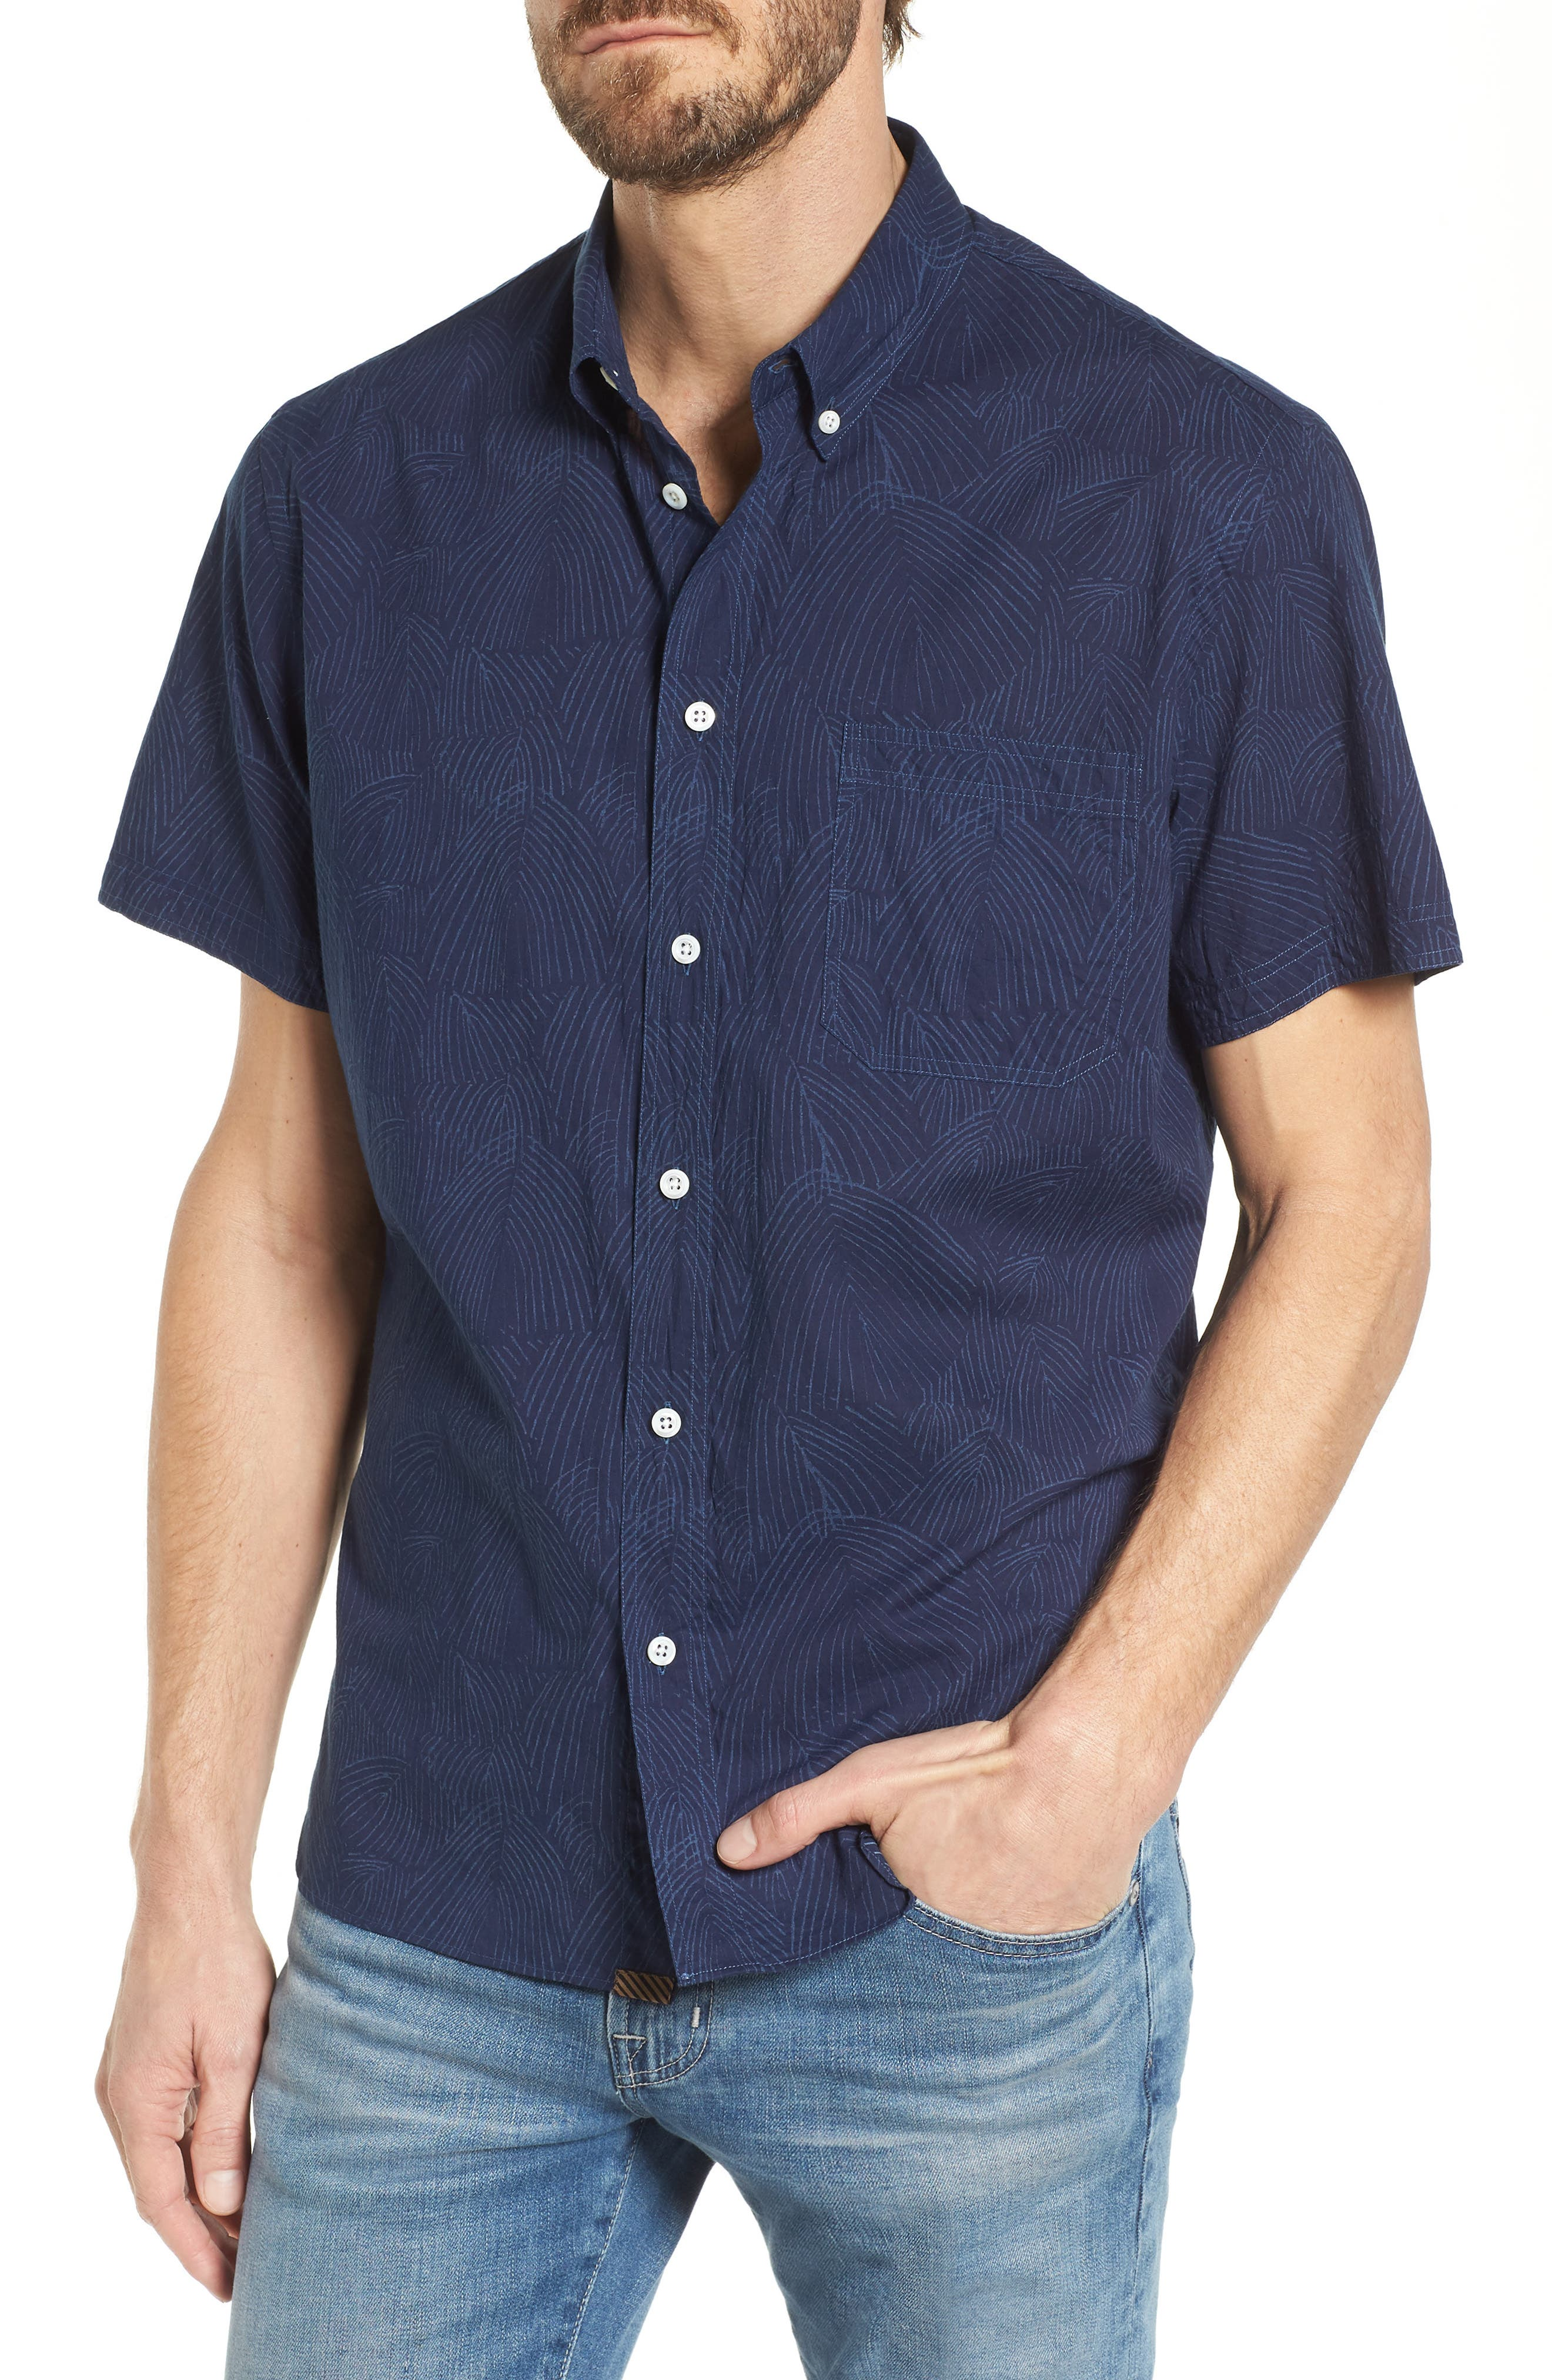 Tuscumbia Slim Fit Sport Shirt,                         Main,                         color, 407